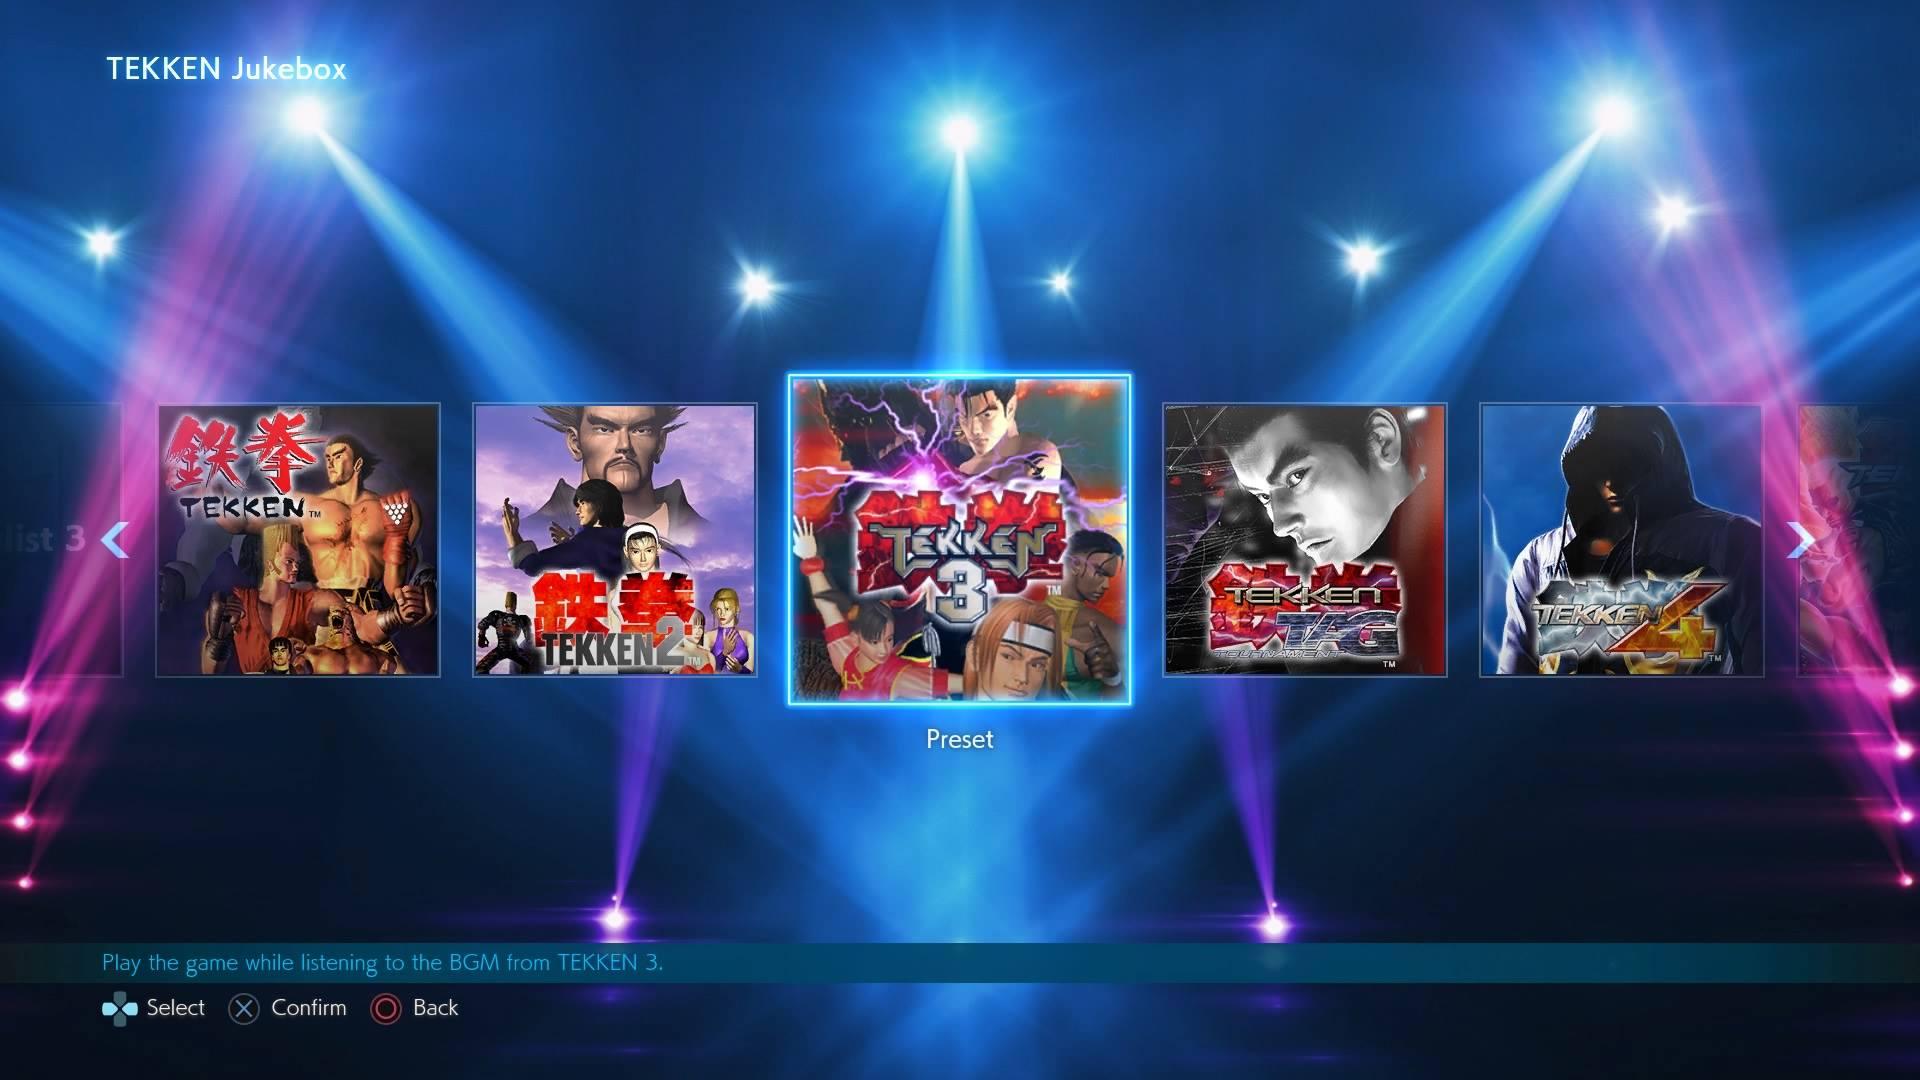 REVIEW: Tekken 7 - oprainfall